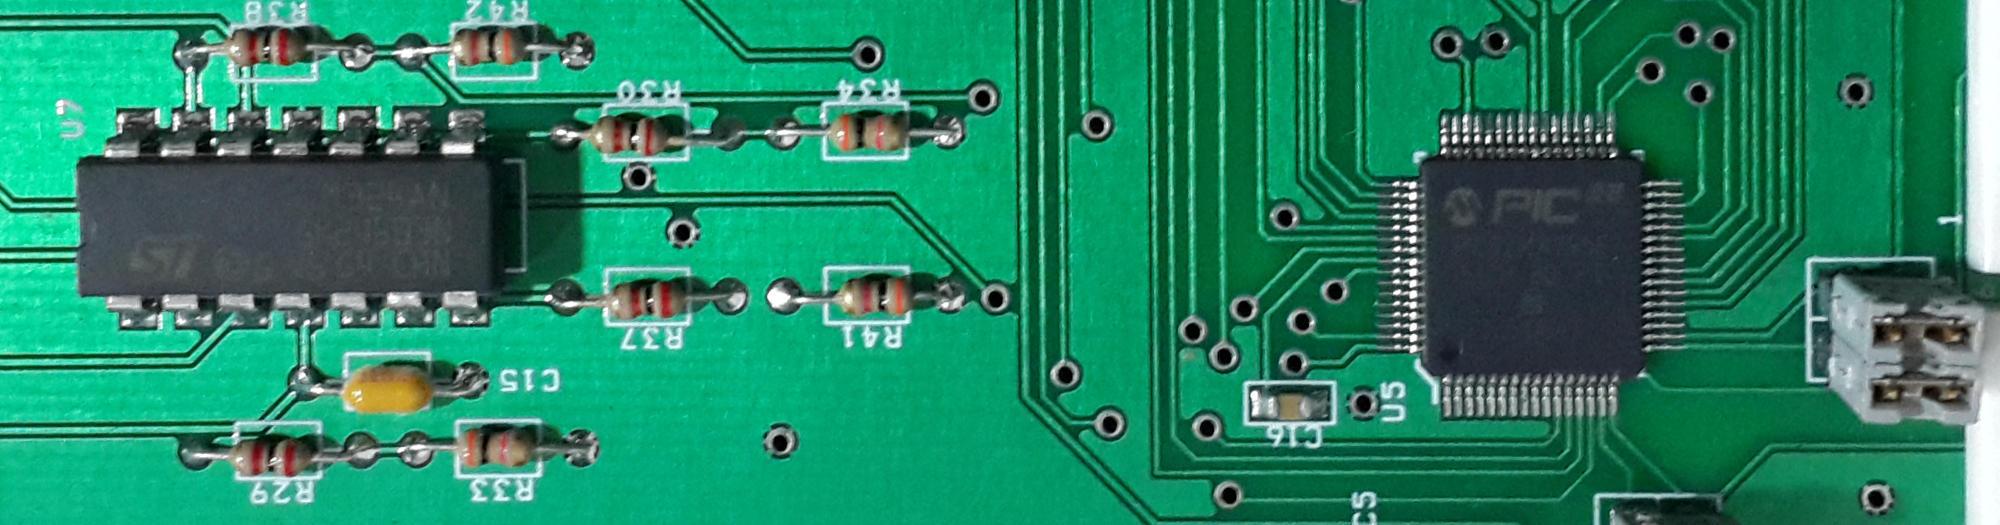 circuito_impreso